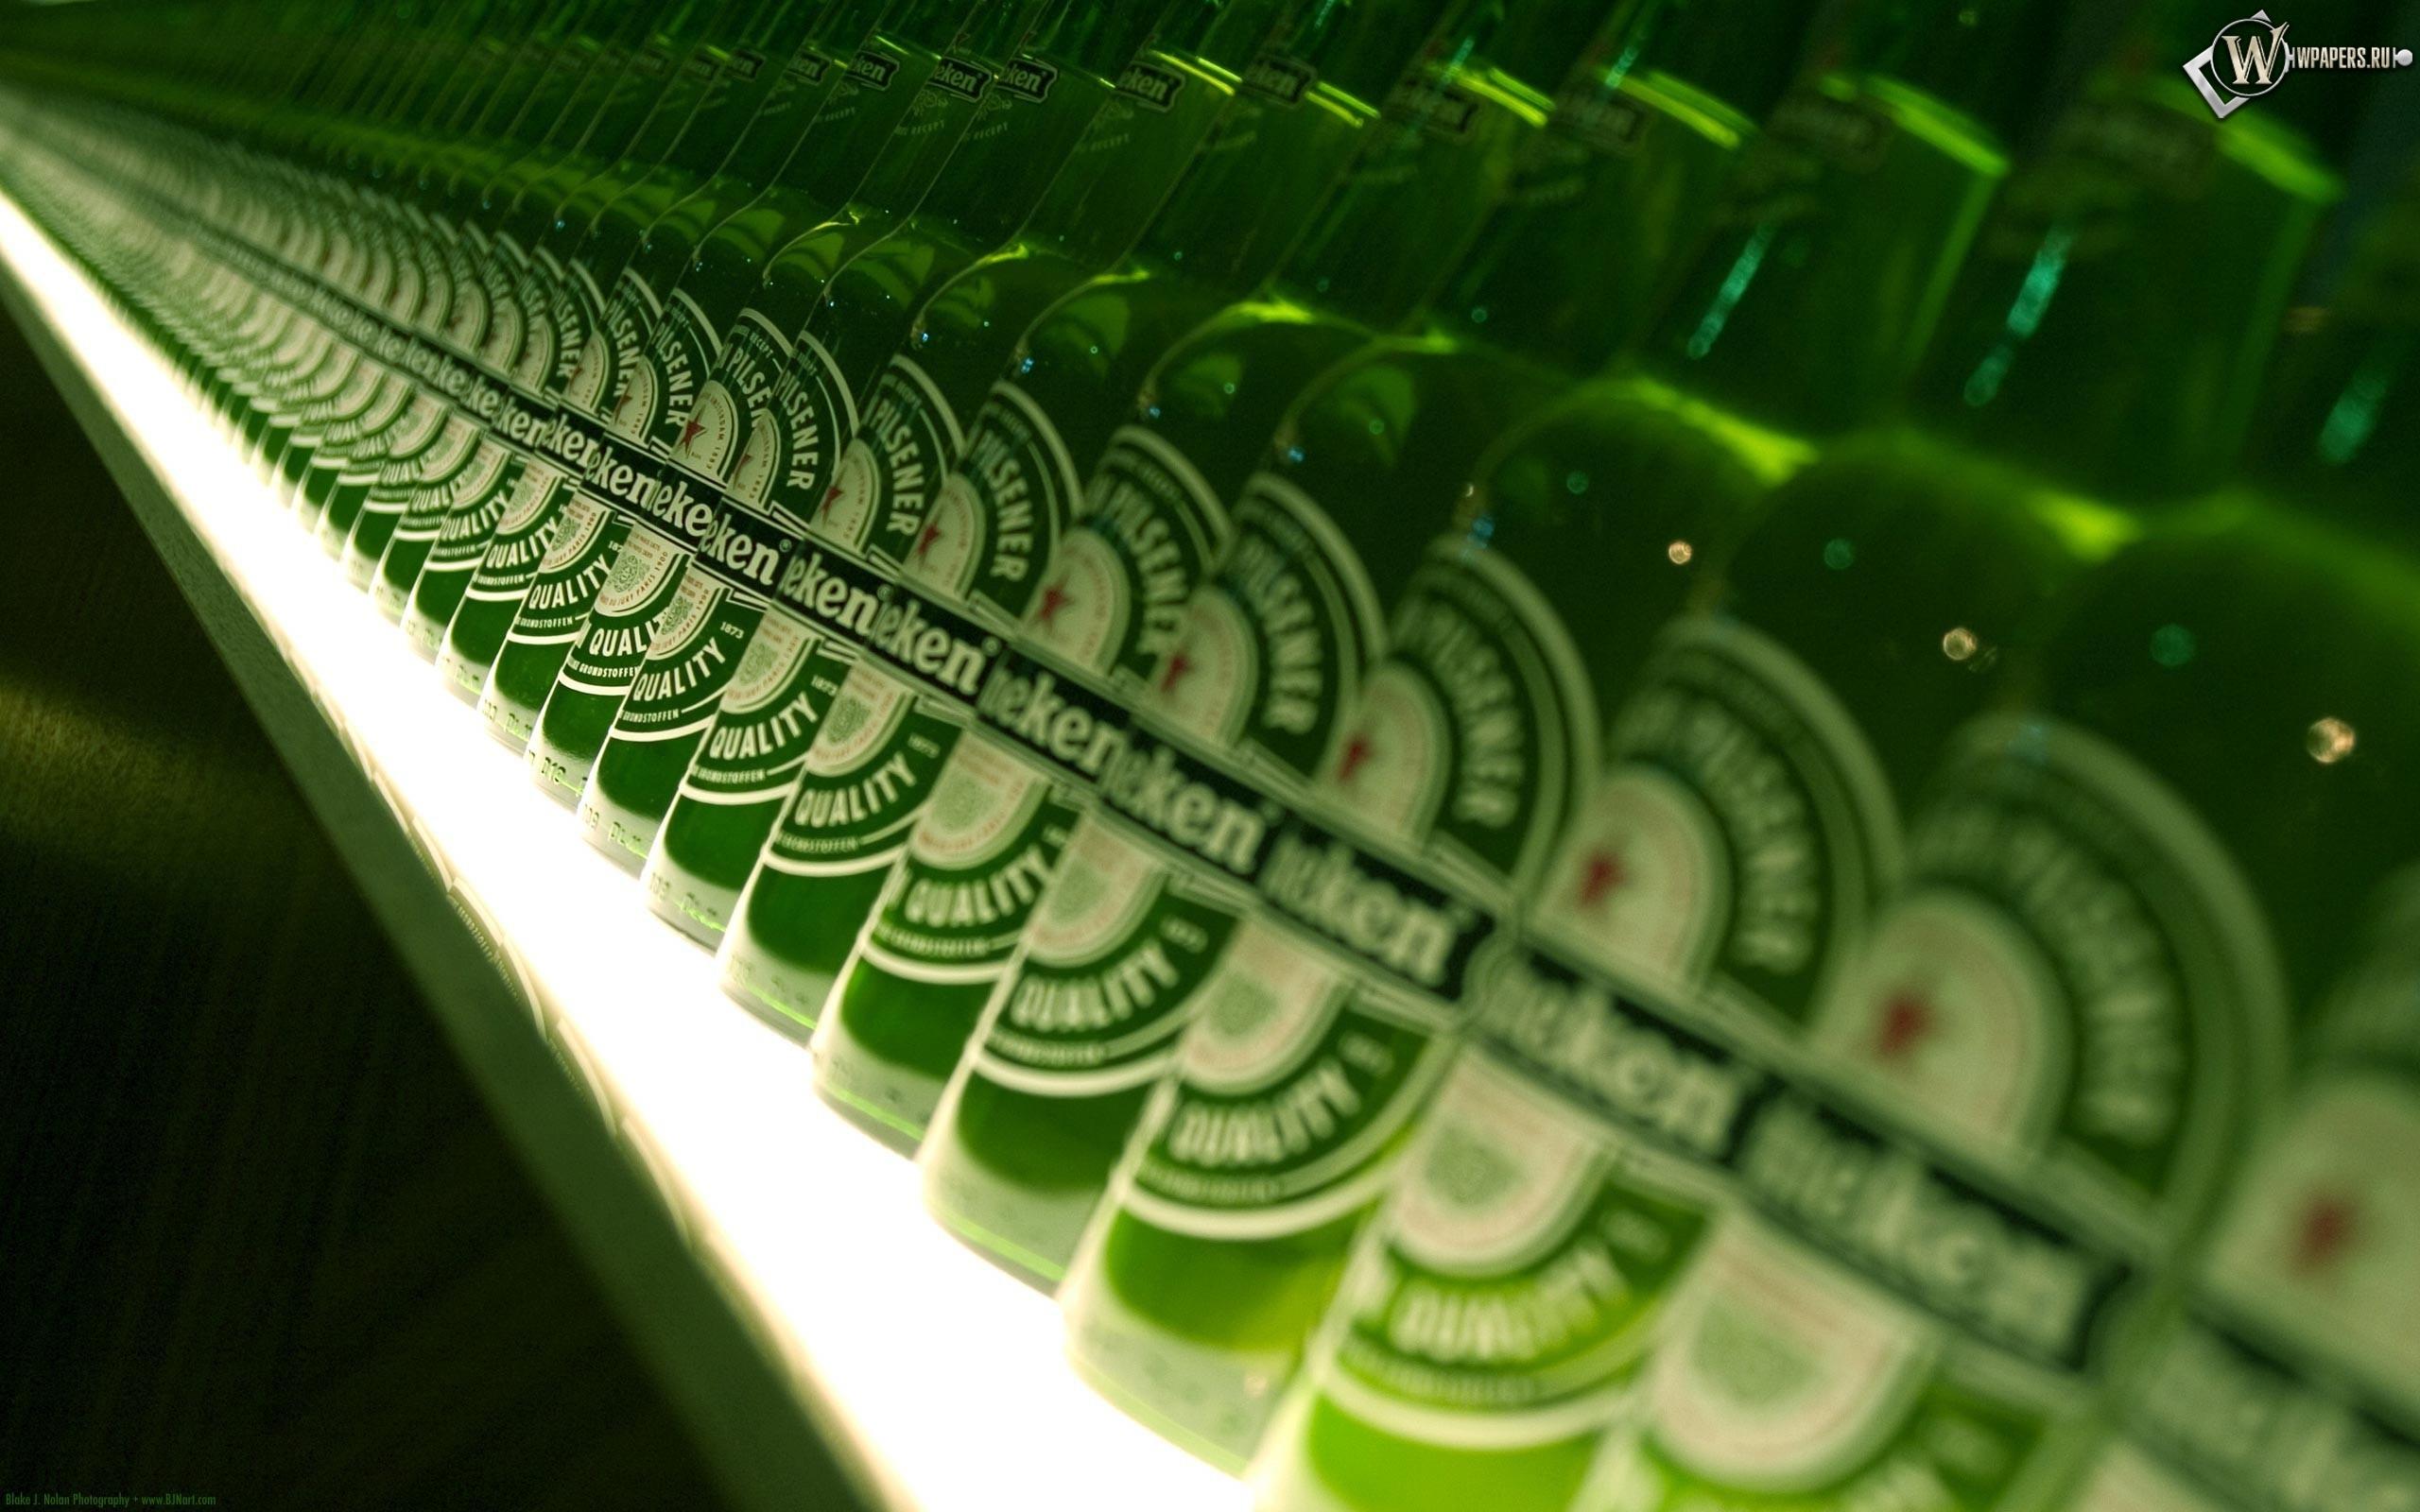 Heineken 2560x1600